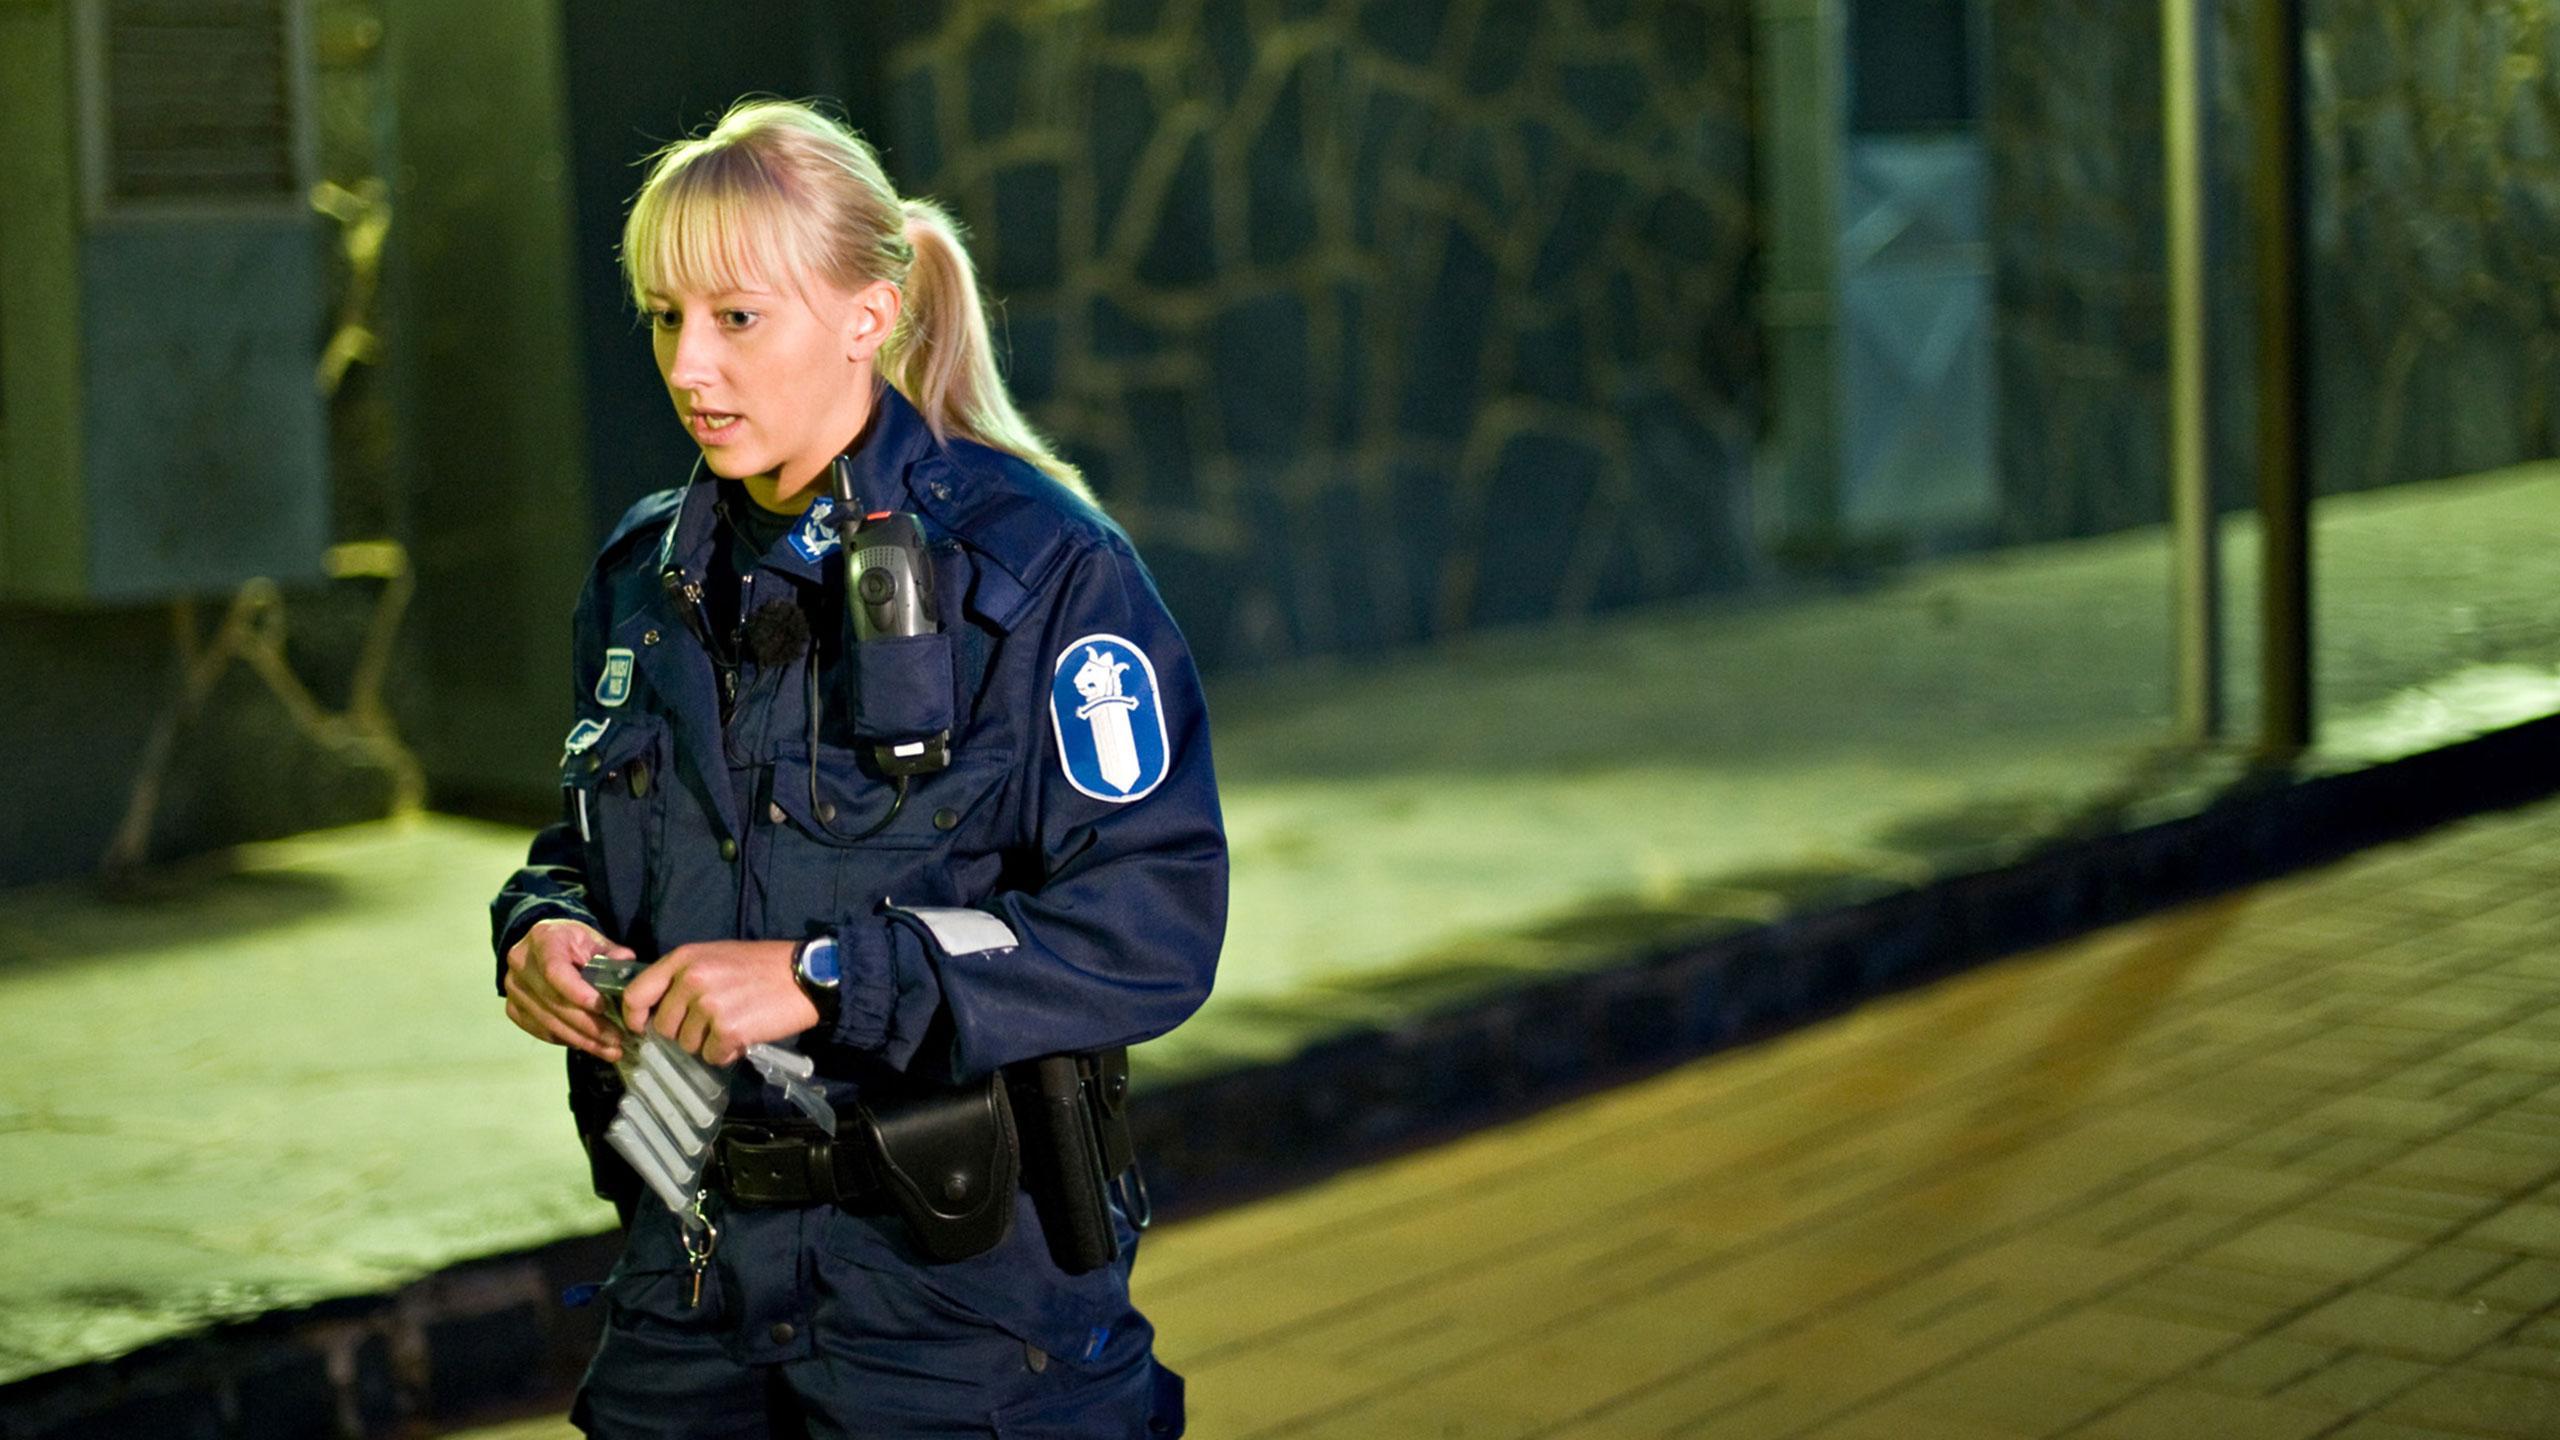 poliisi lappeenranta